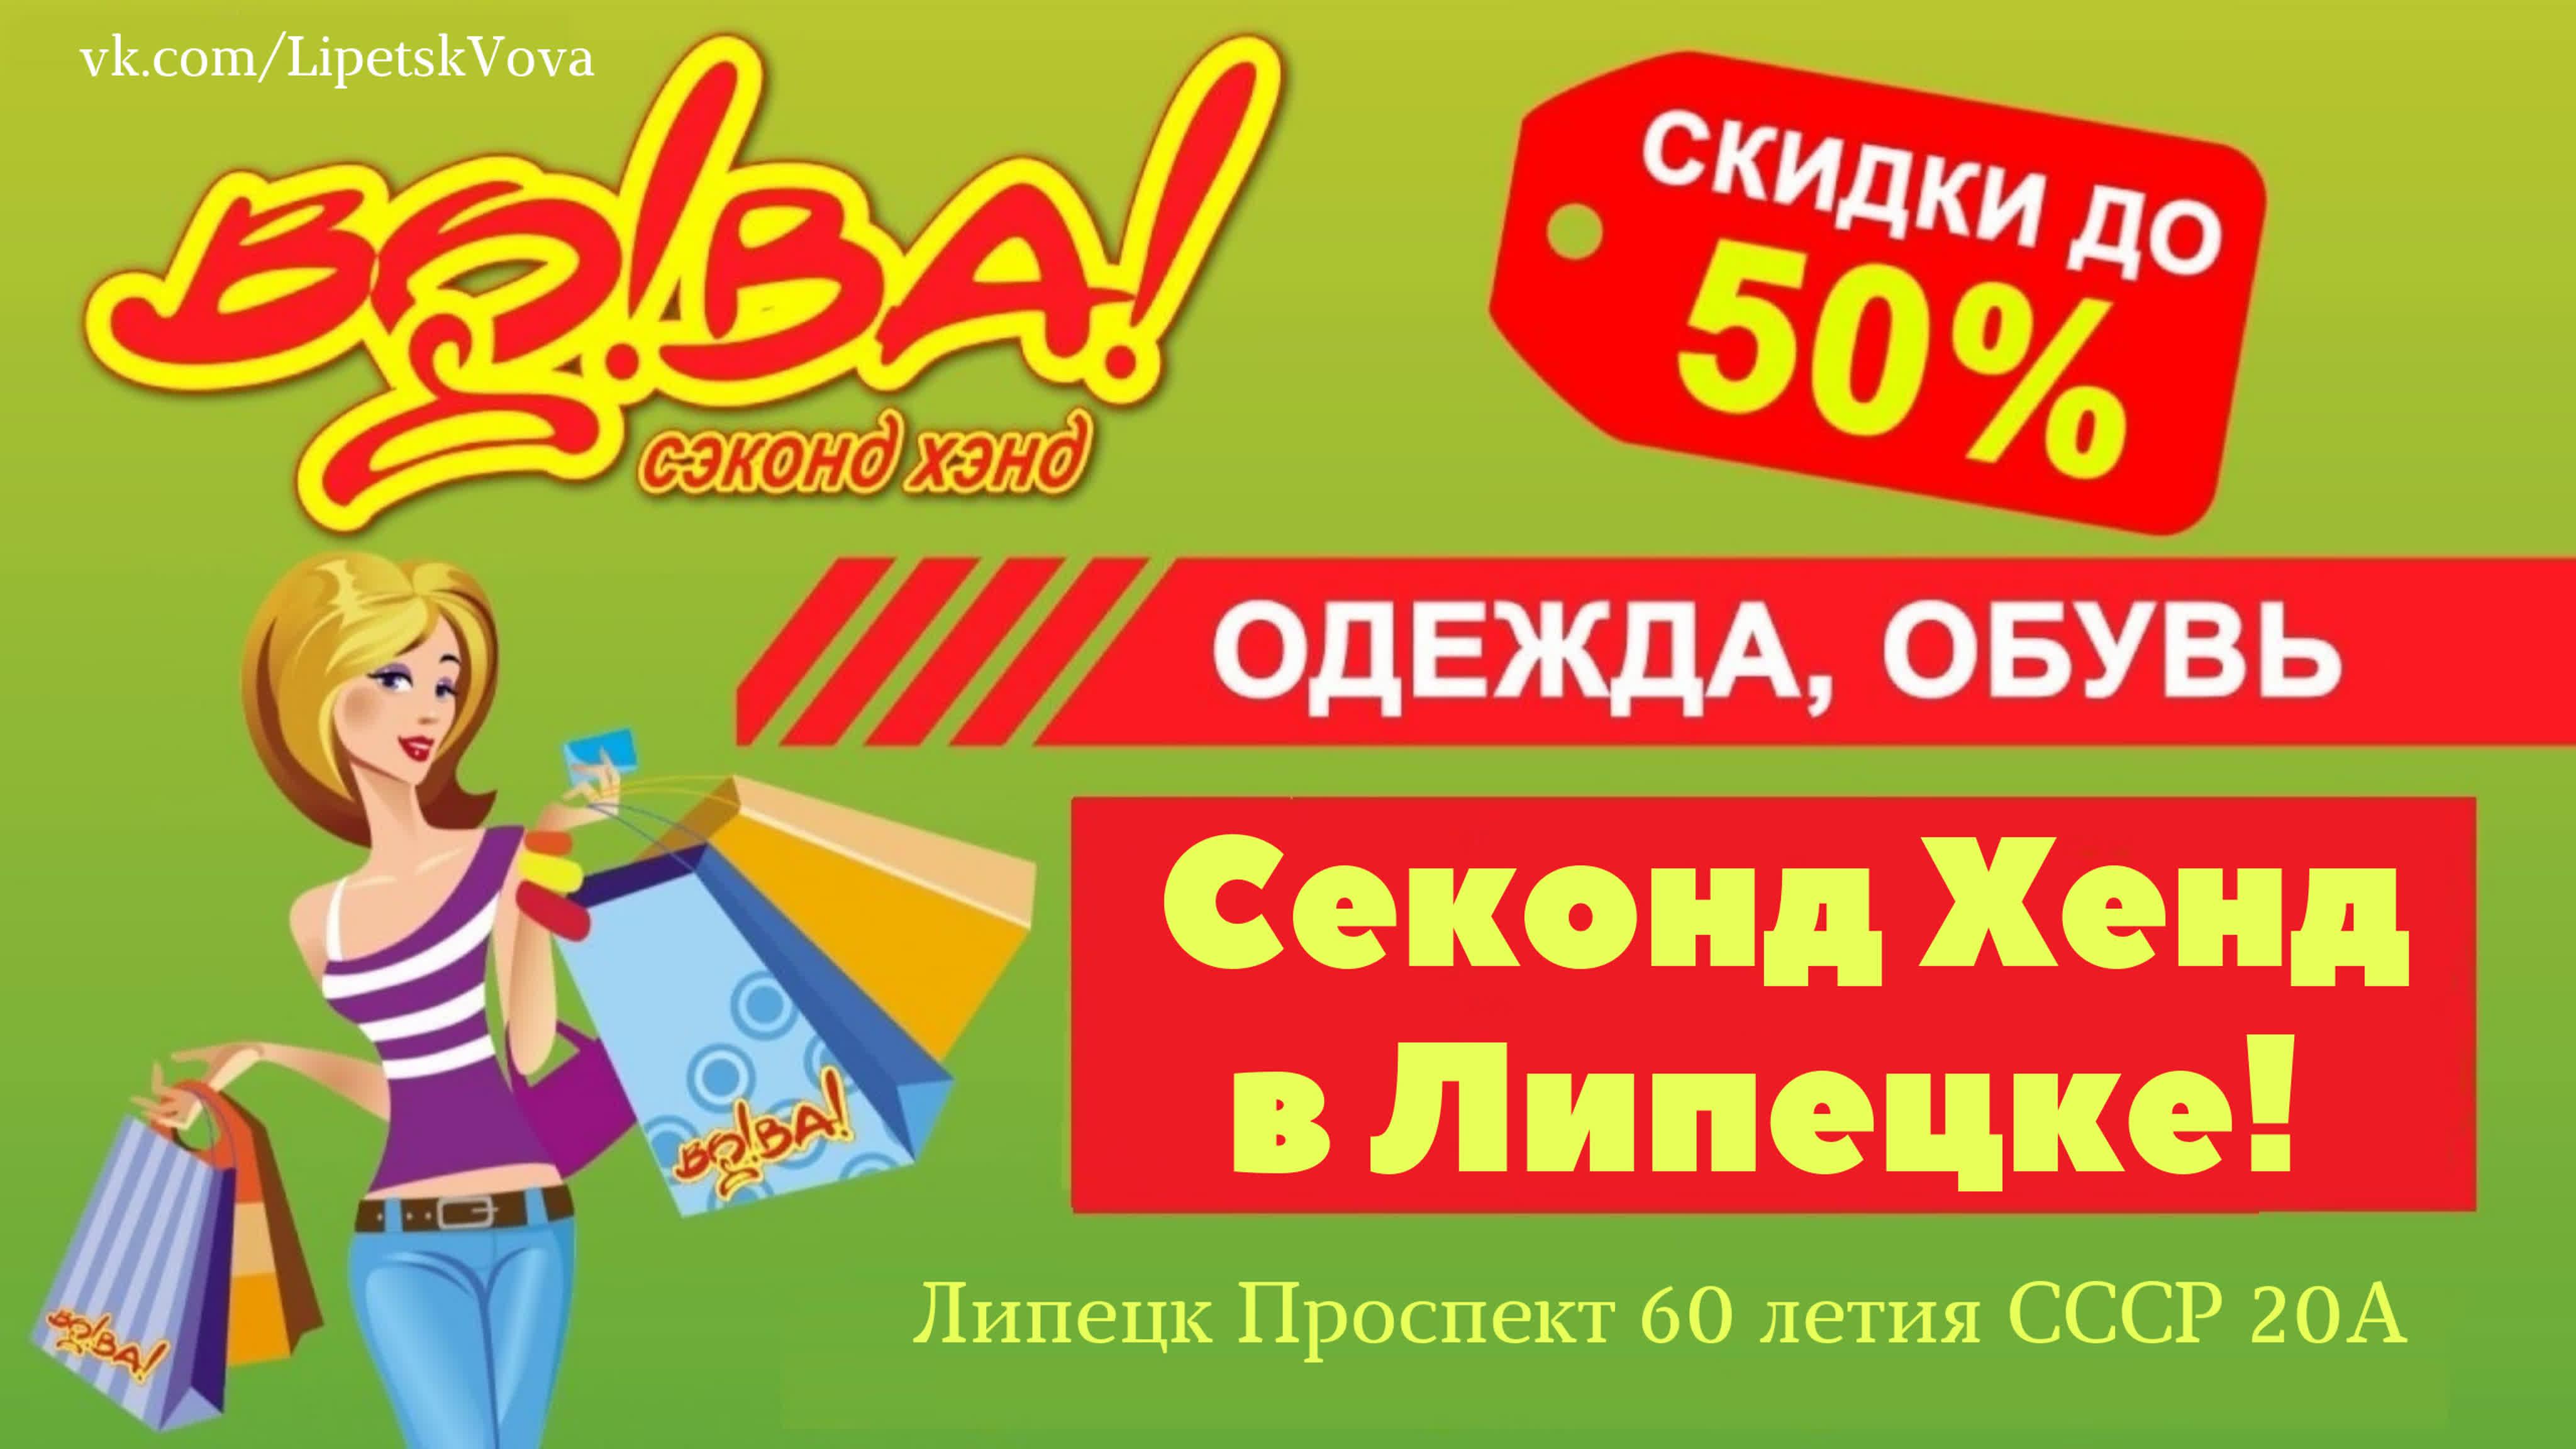 Магазин Вова Липецк